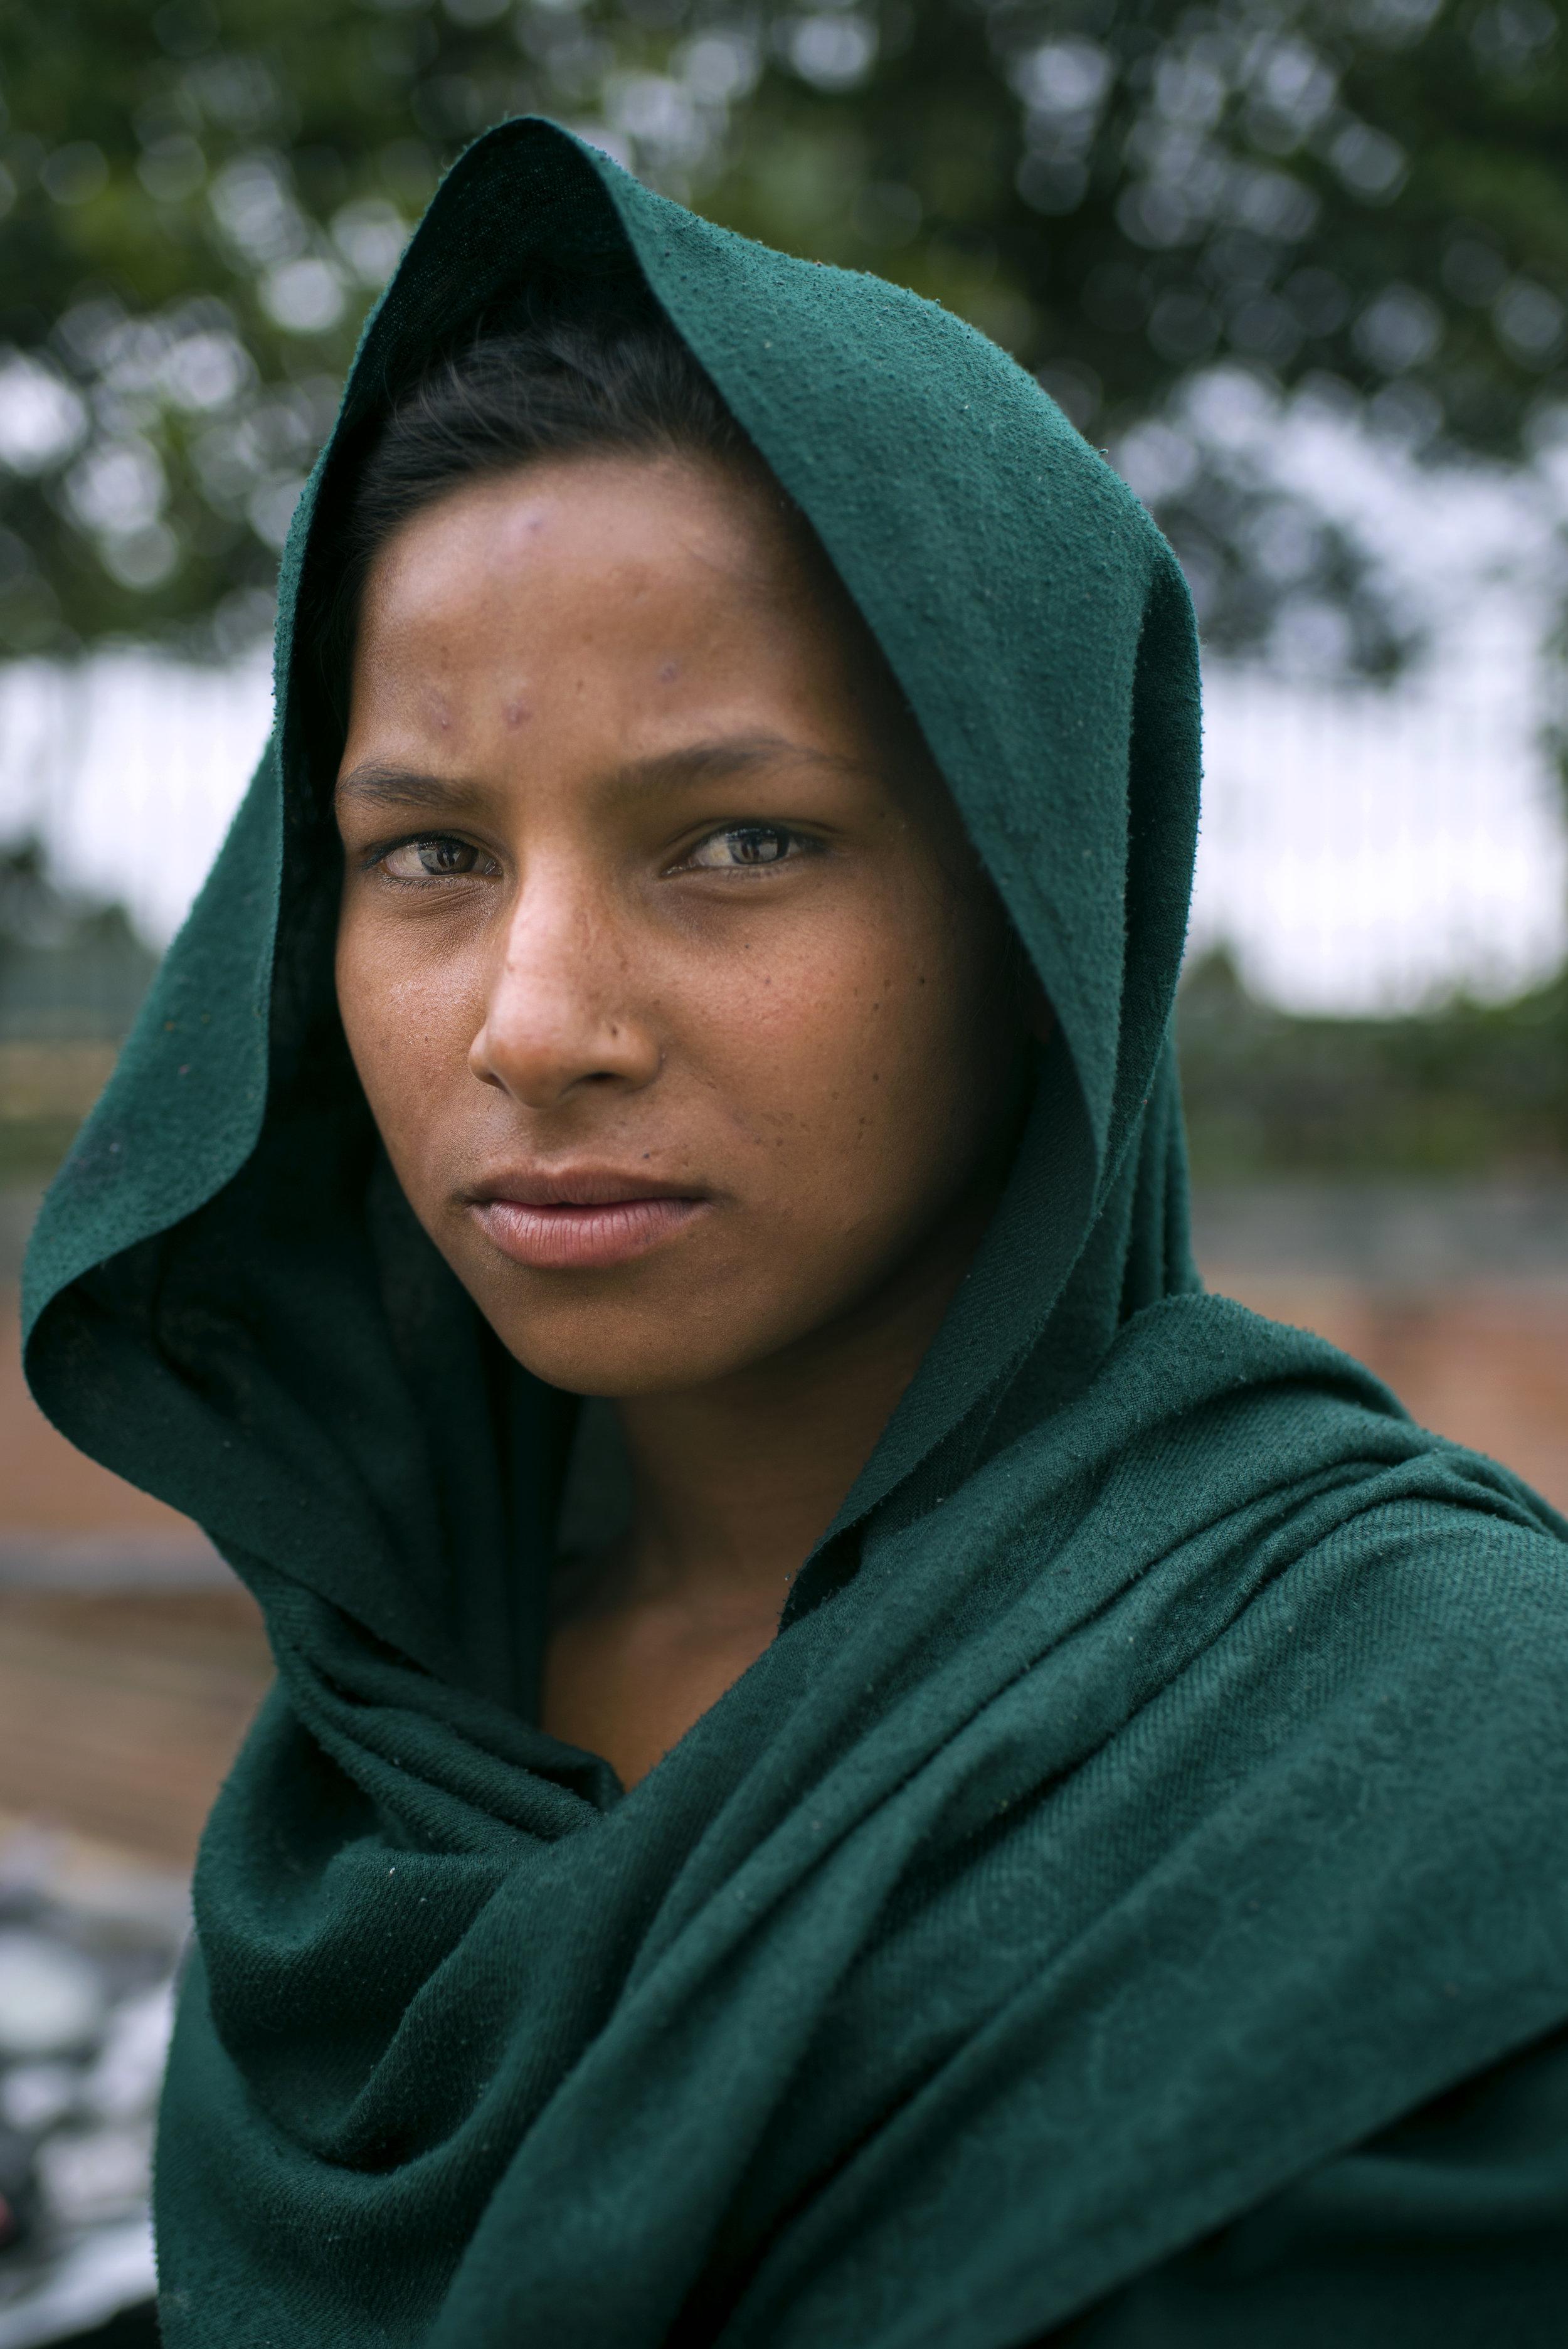 Nepal - Portrait of a street girl